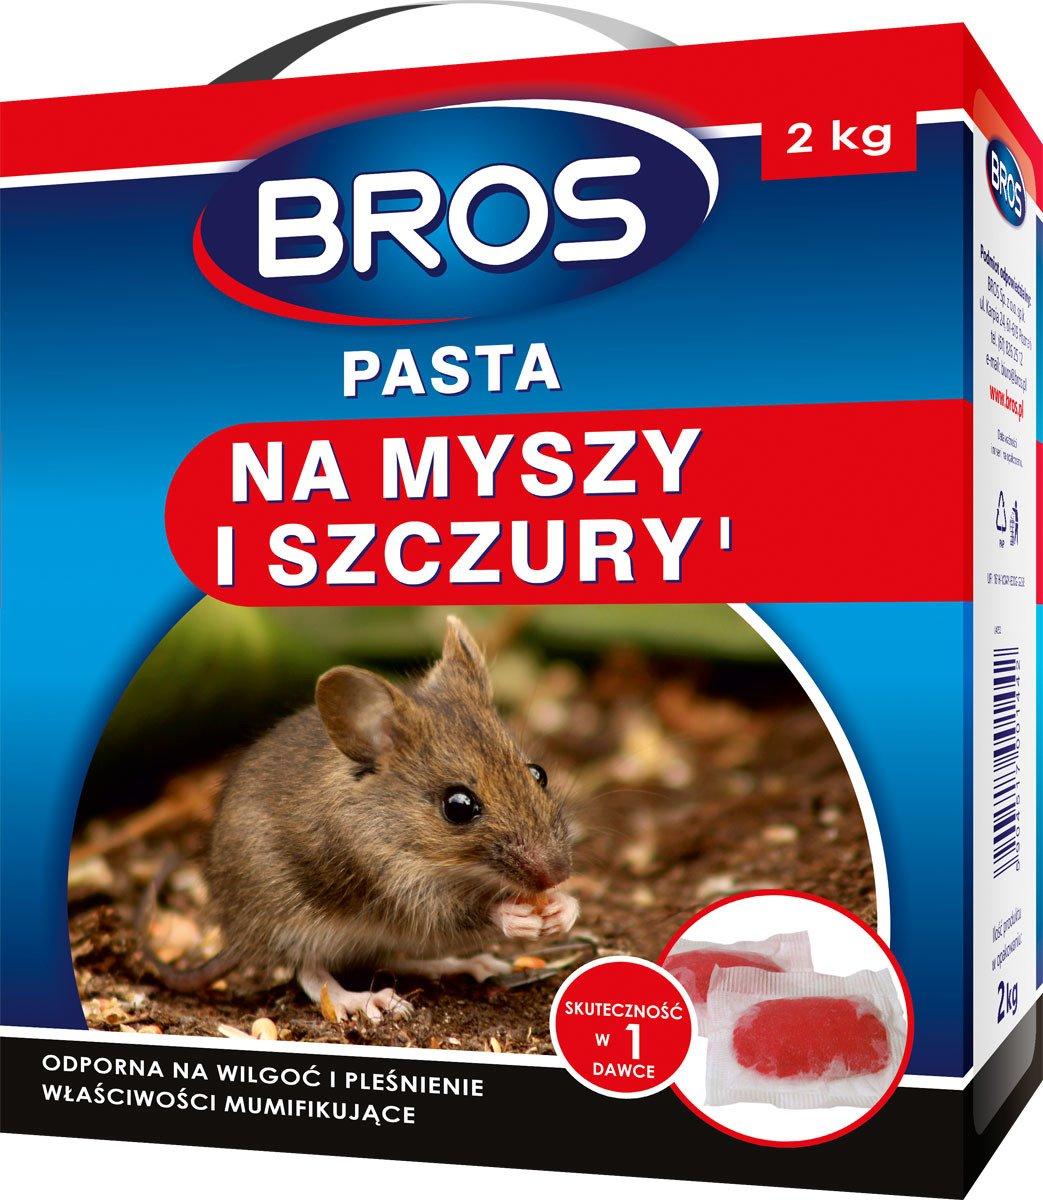 BROS pasta na myszy i szczury